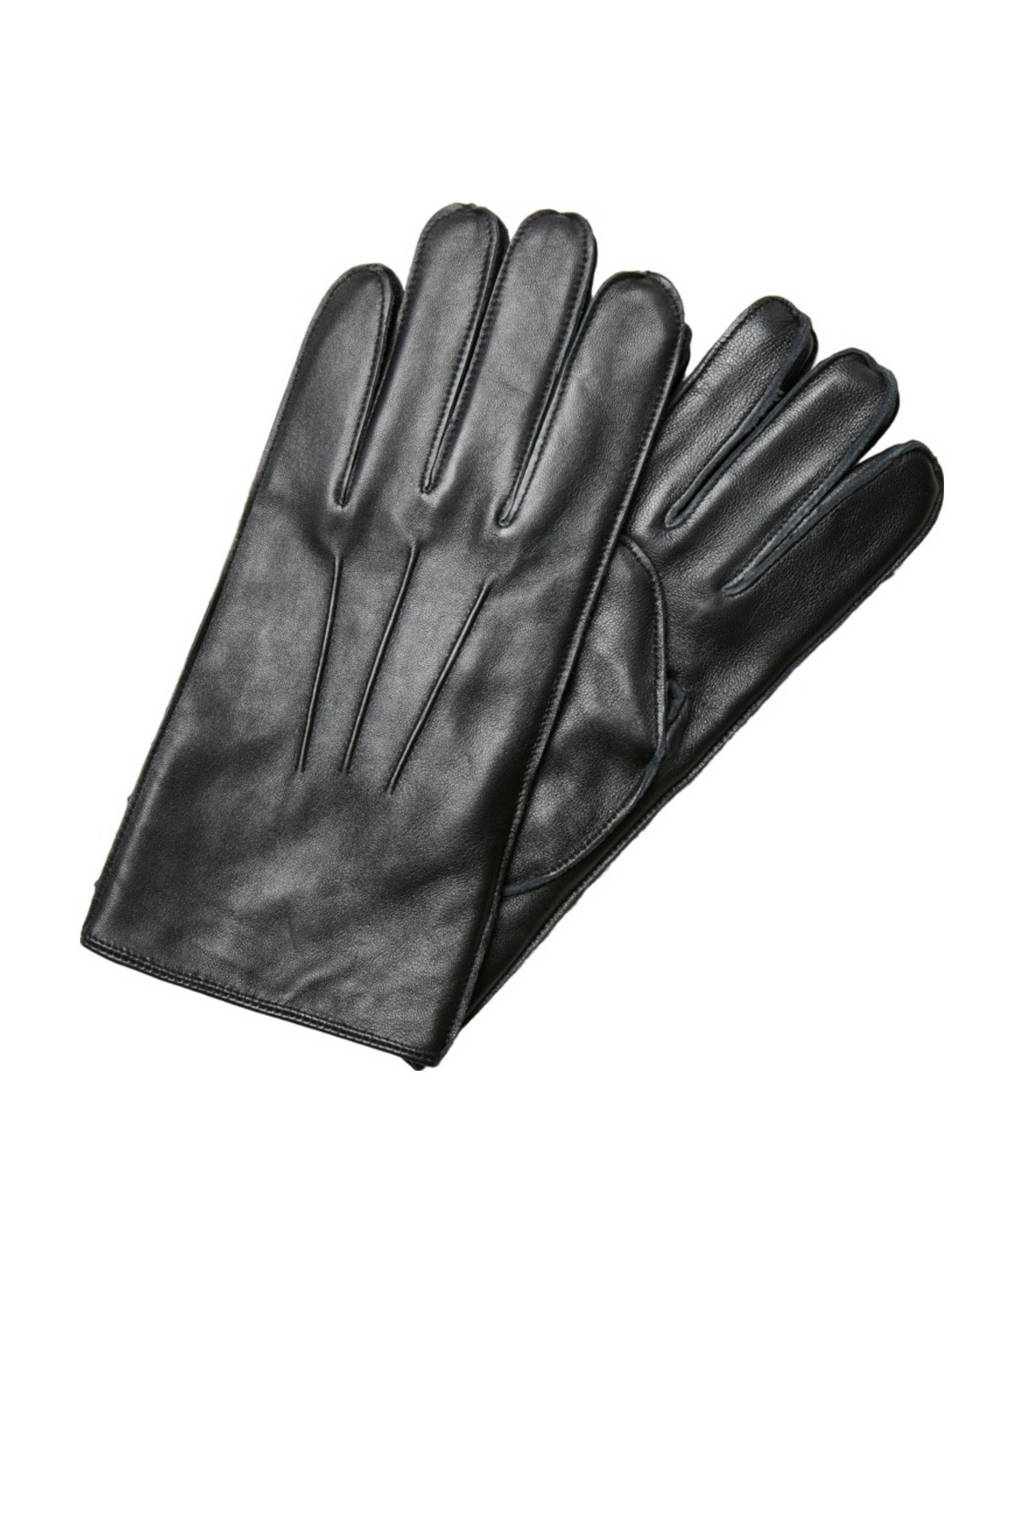 SELECTED HOMME leren handschoenen zwart, Zwart